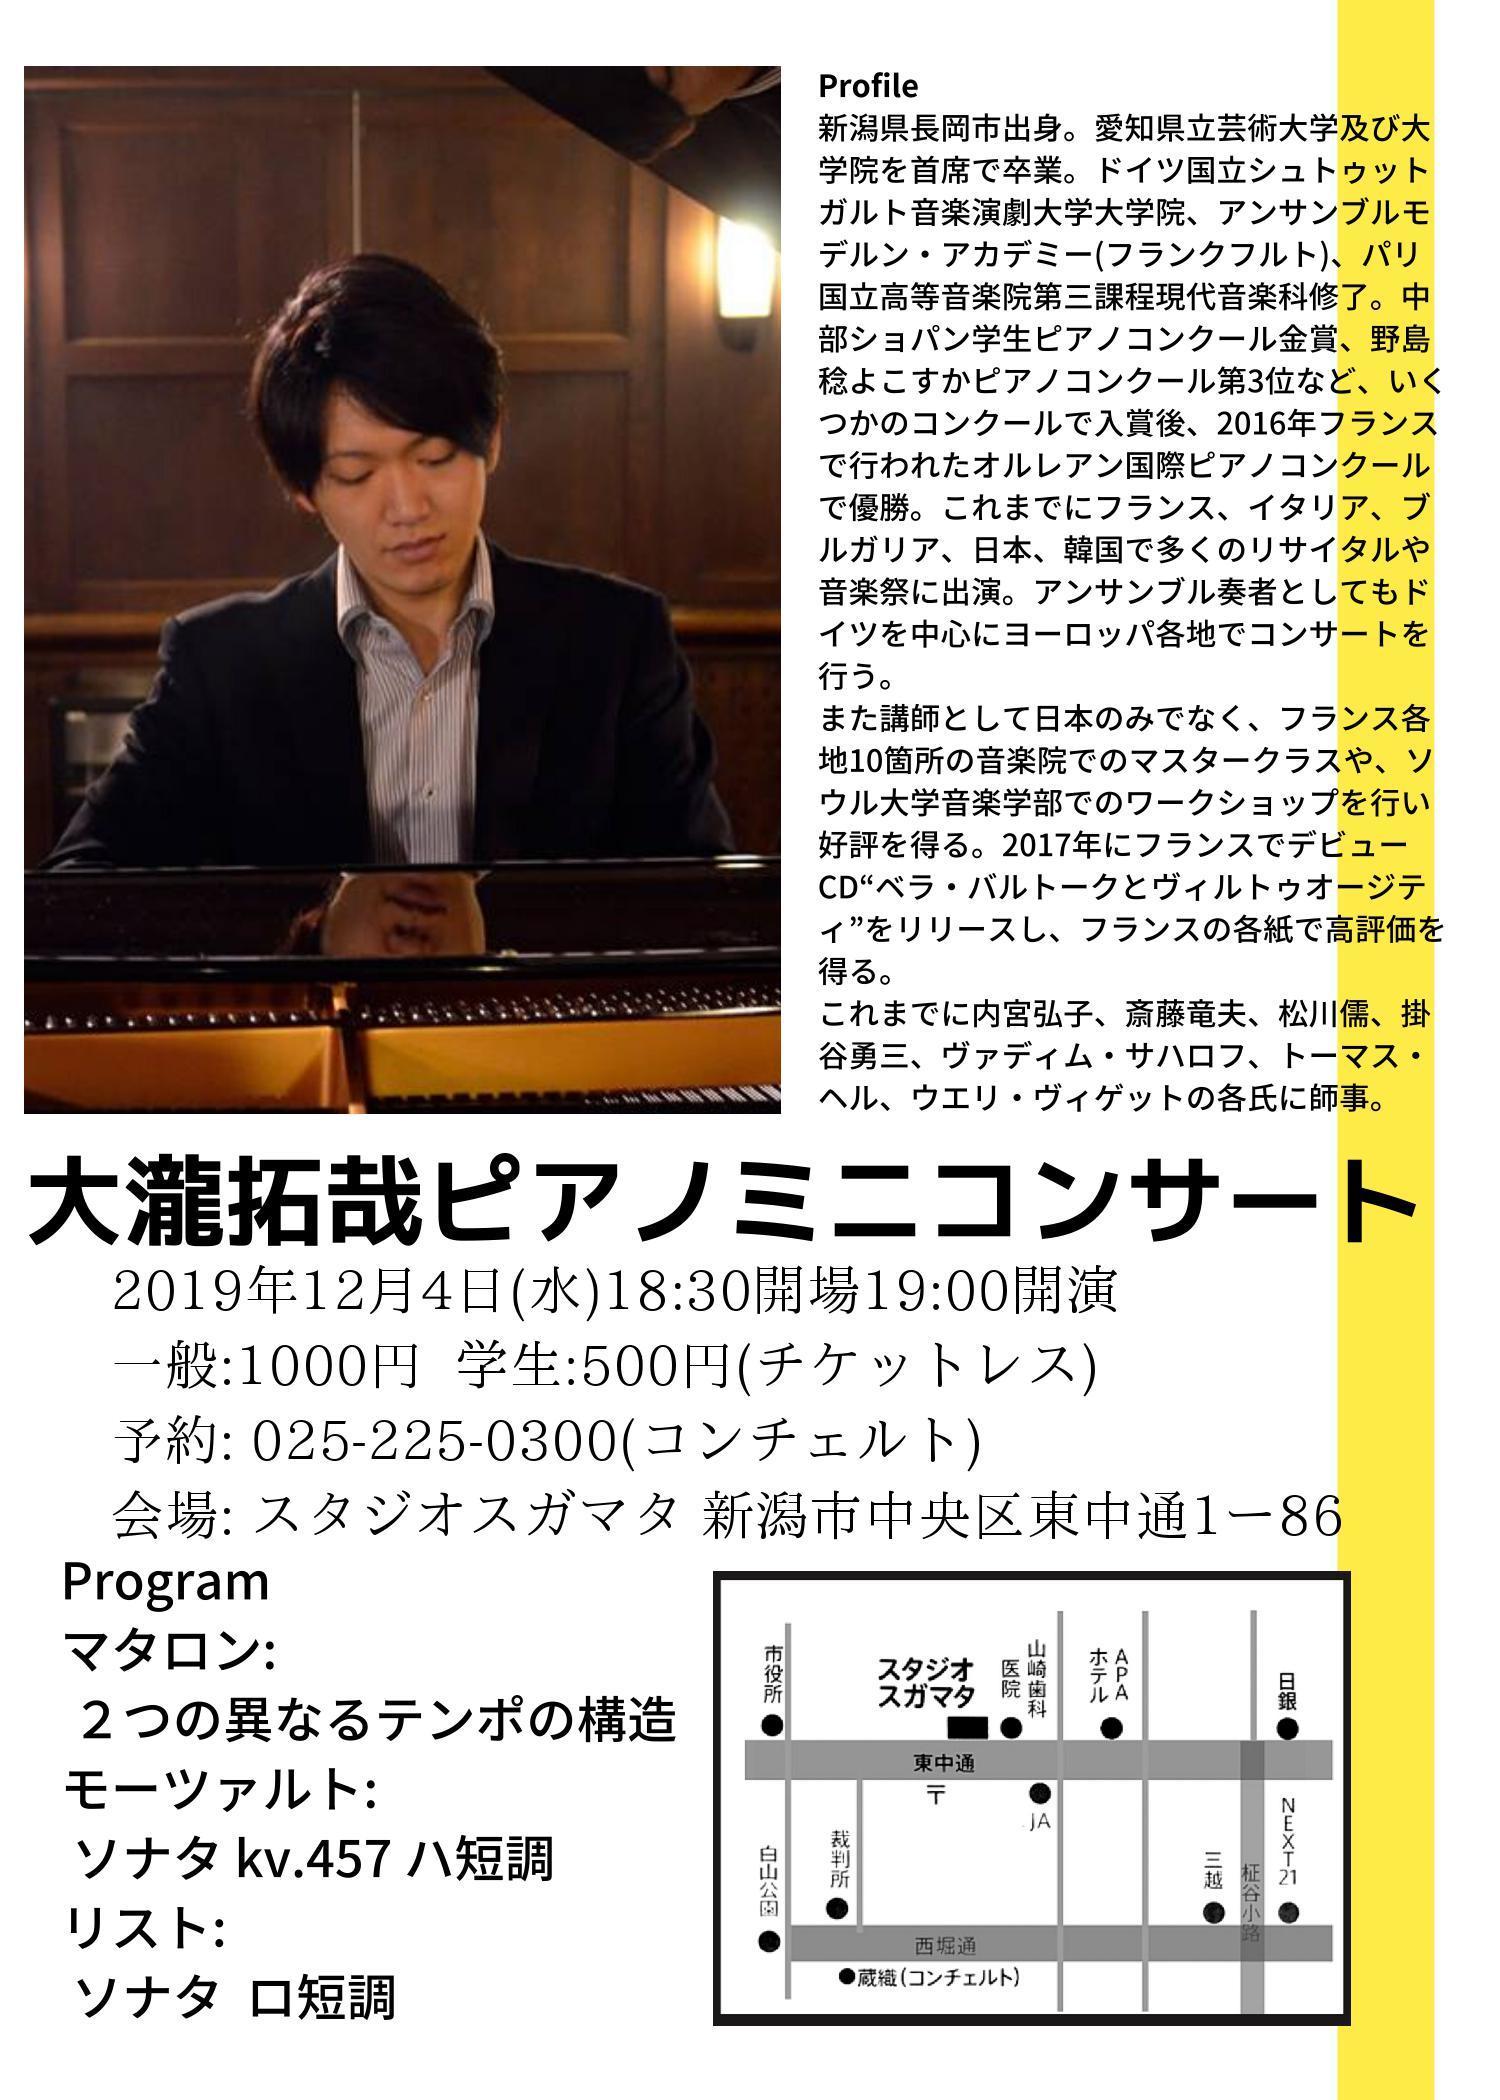 大瀧拓哉さんはやはり素晴らしい。そして石丸由佳さんおめでとうございます。_e0046190_18041538.jpg